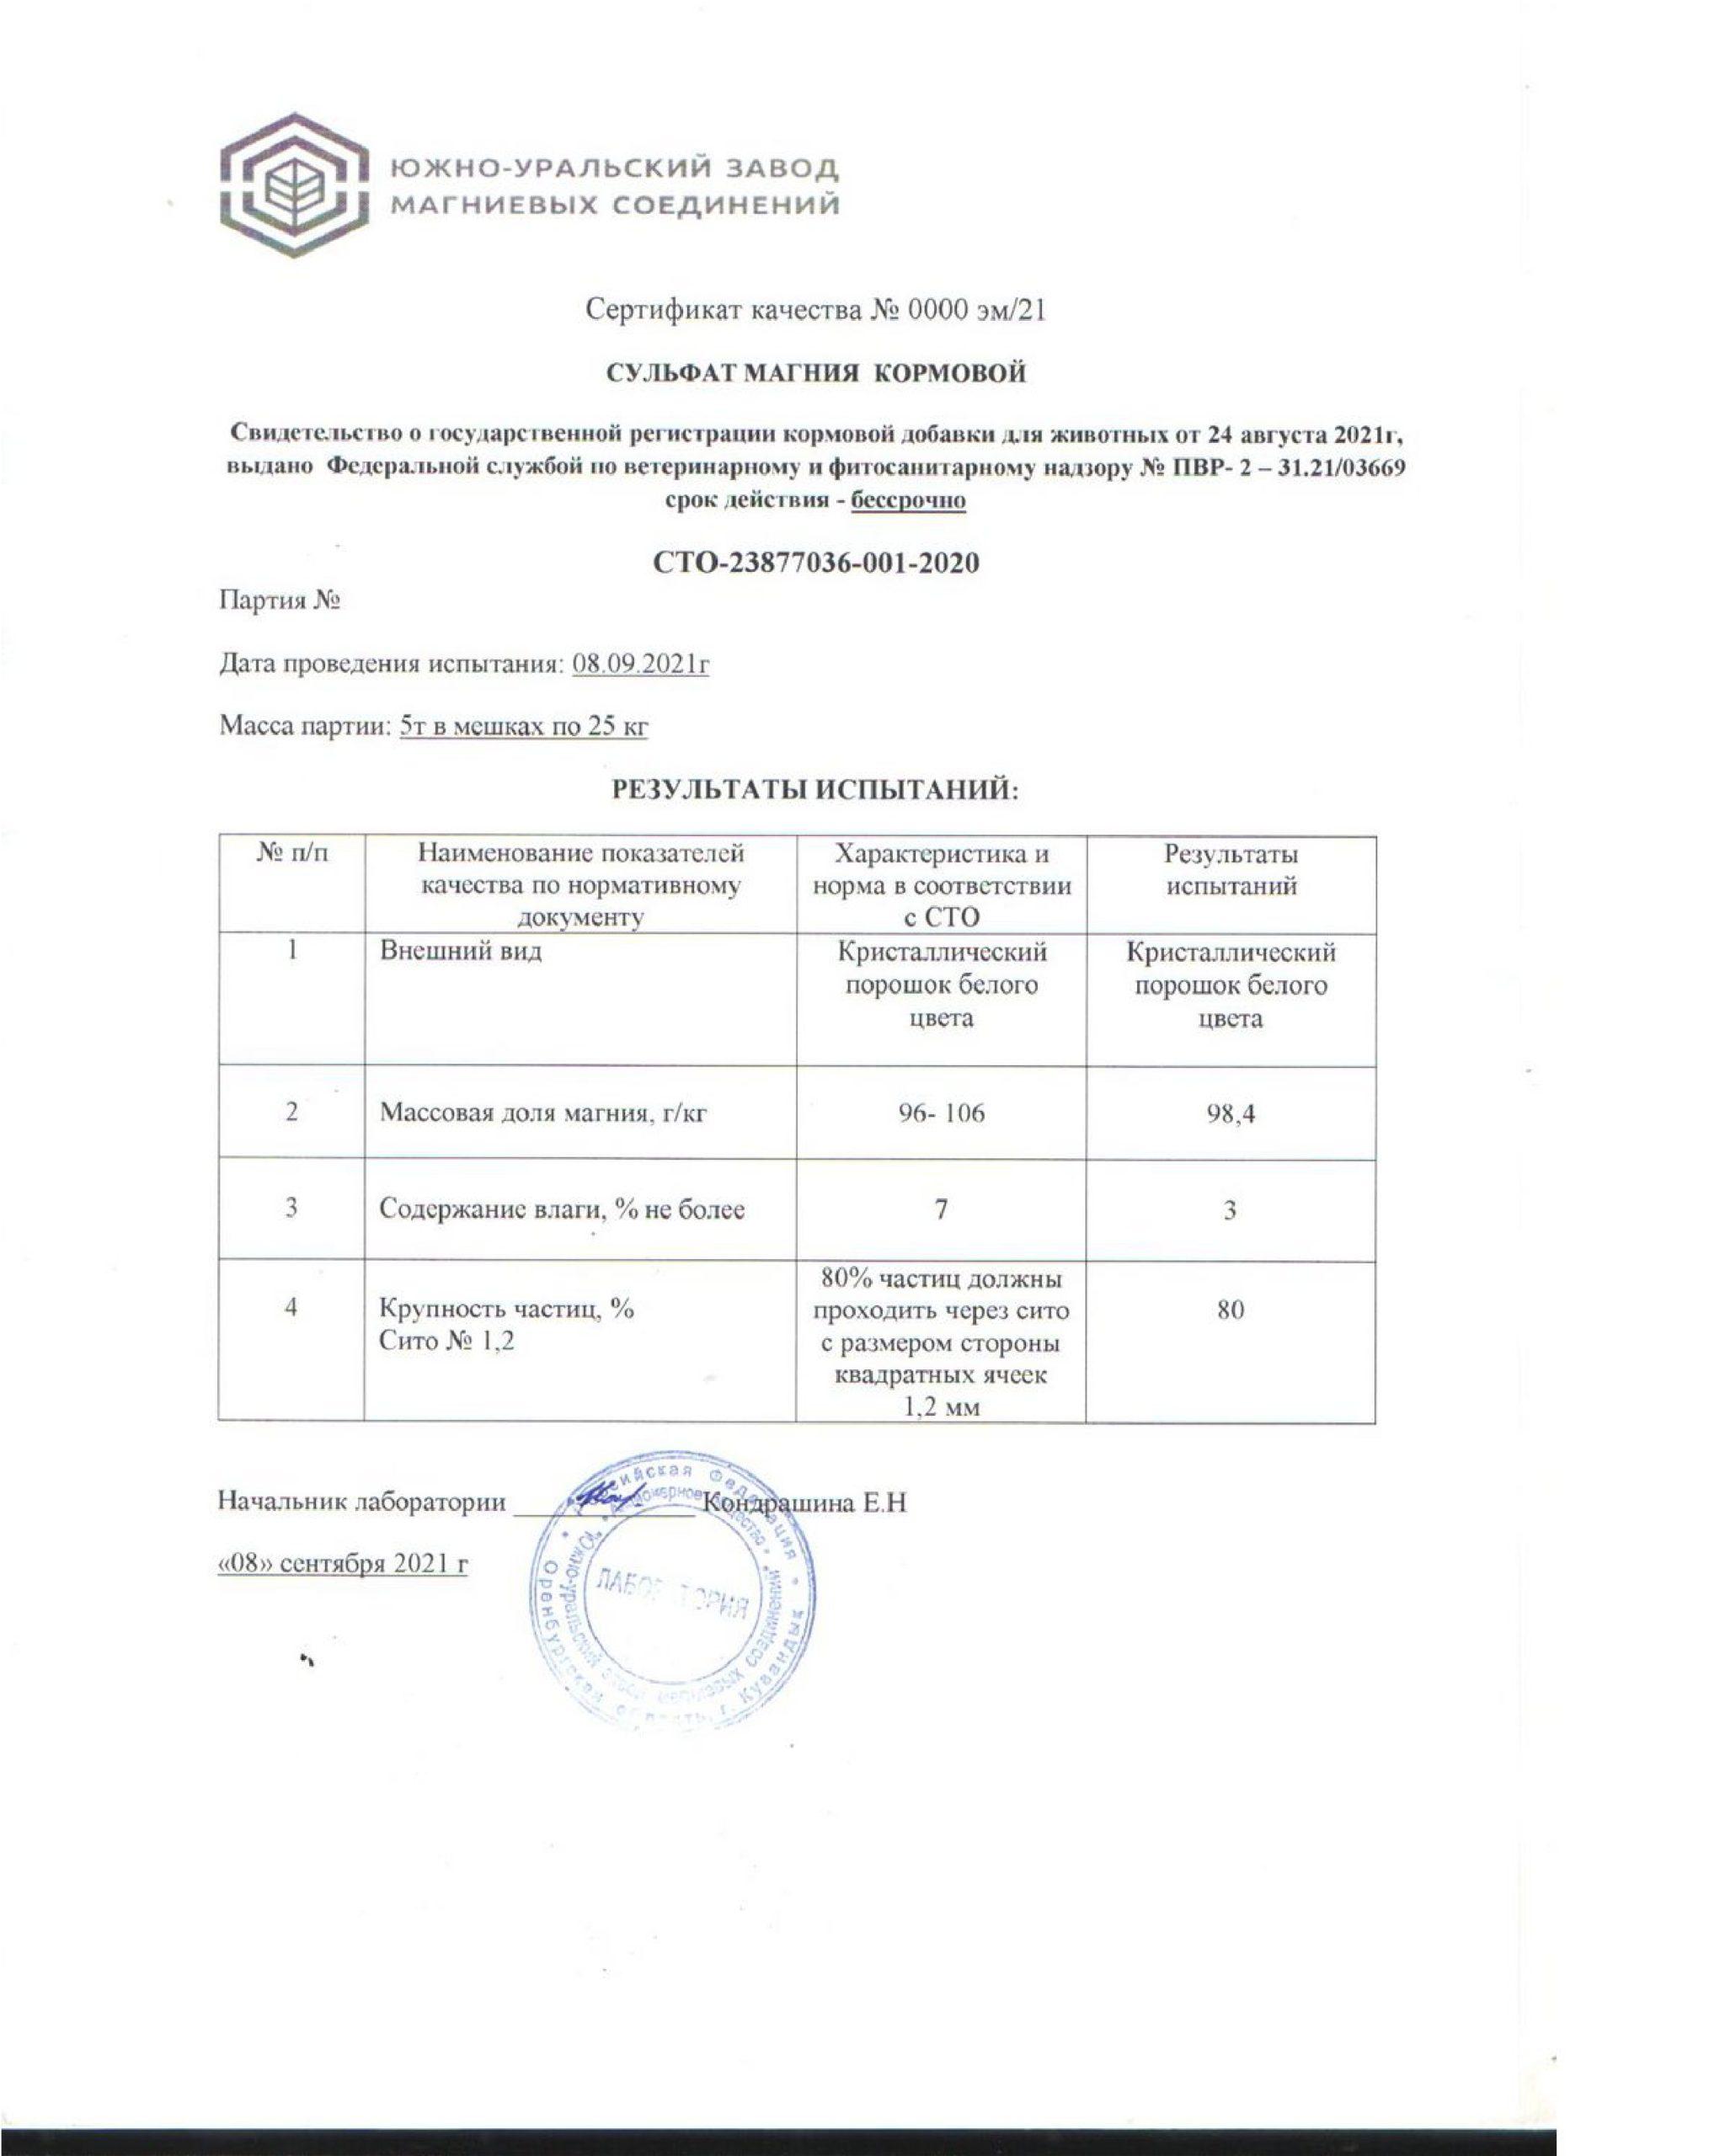 Получено свидетельство о гос. регистрации кормового сульфата магния